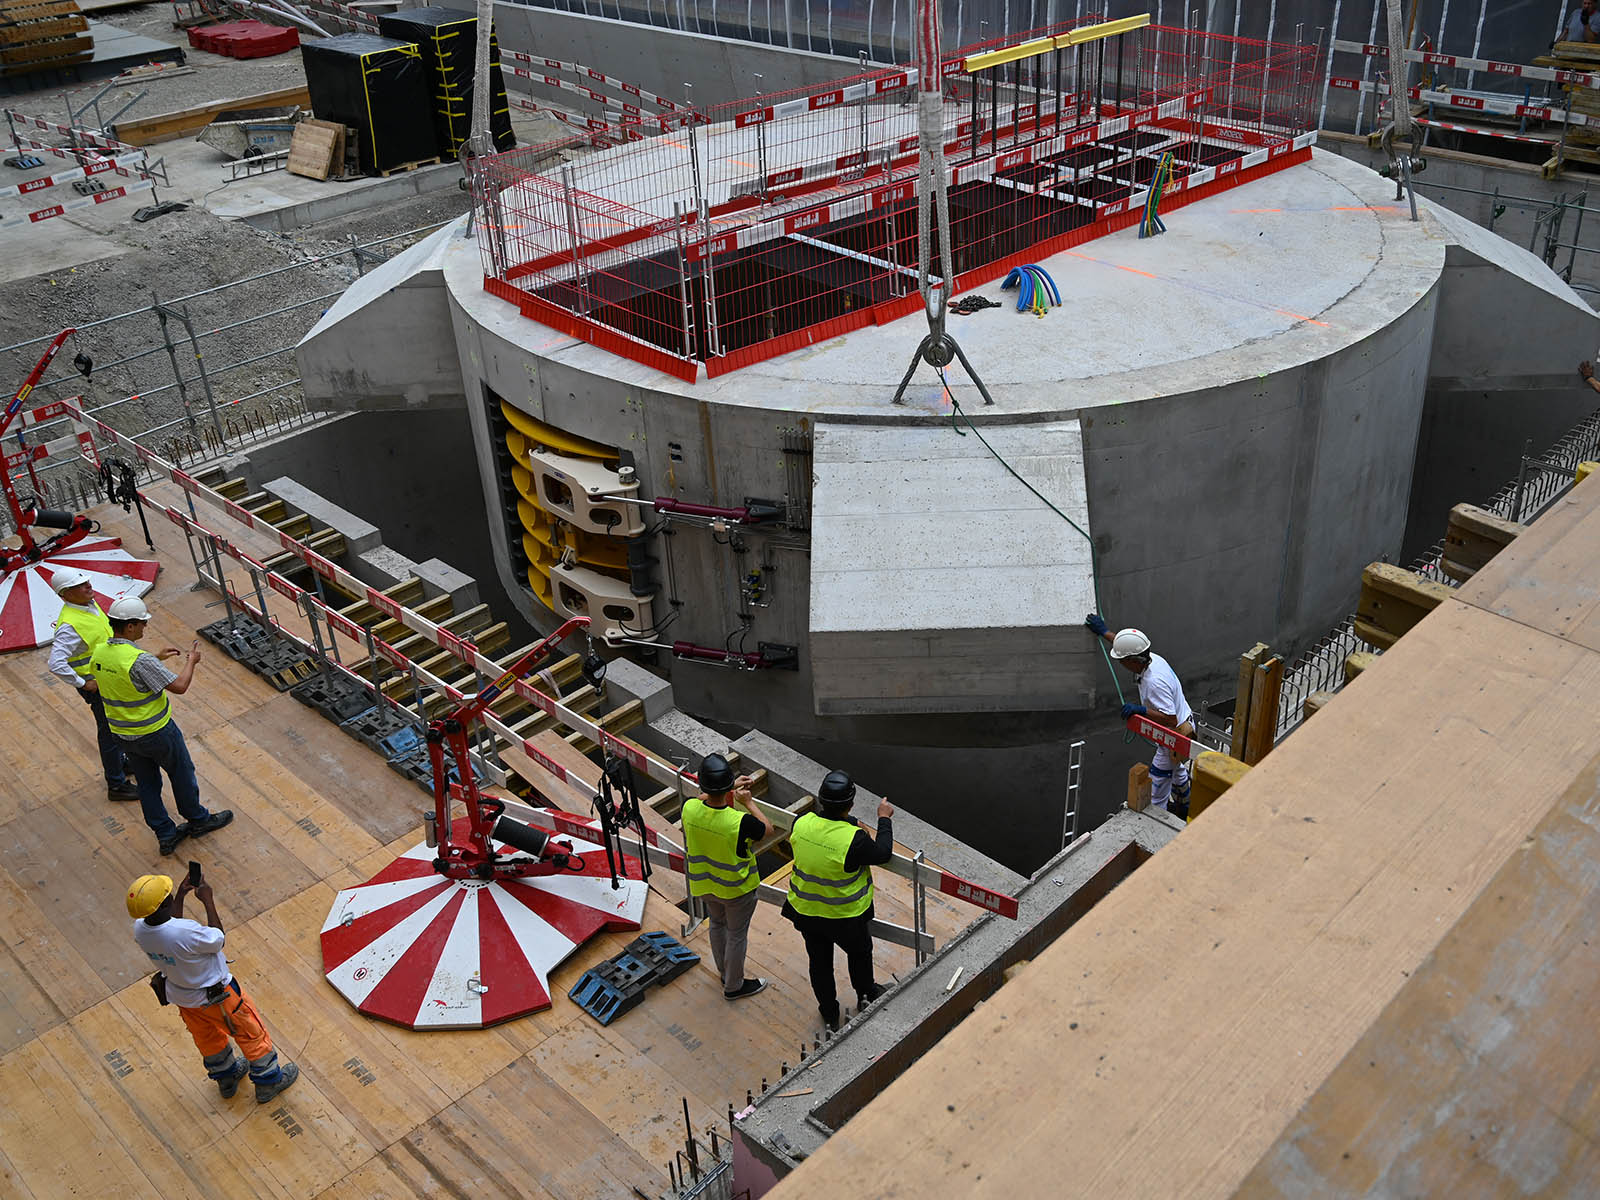 Der Betonzylinder für die Zentrifuge wird in den Boden eingeschwenkt.